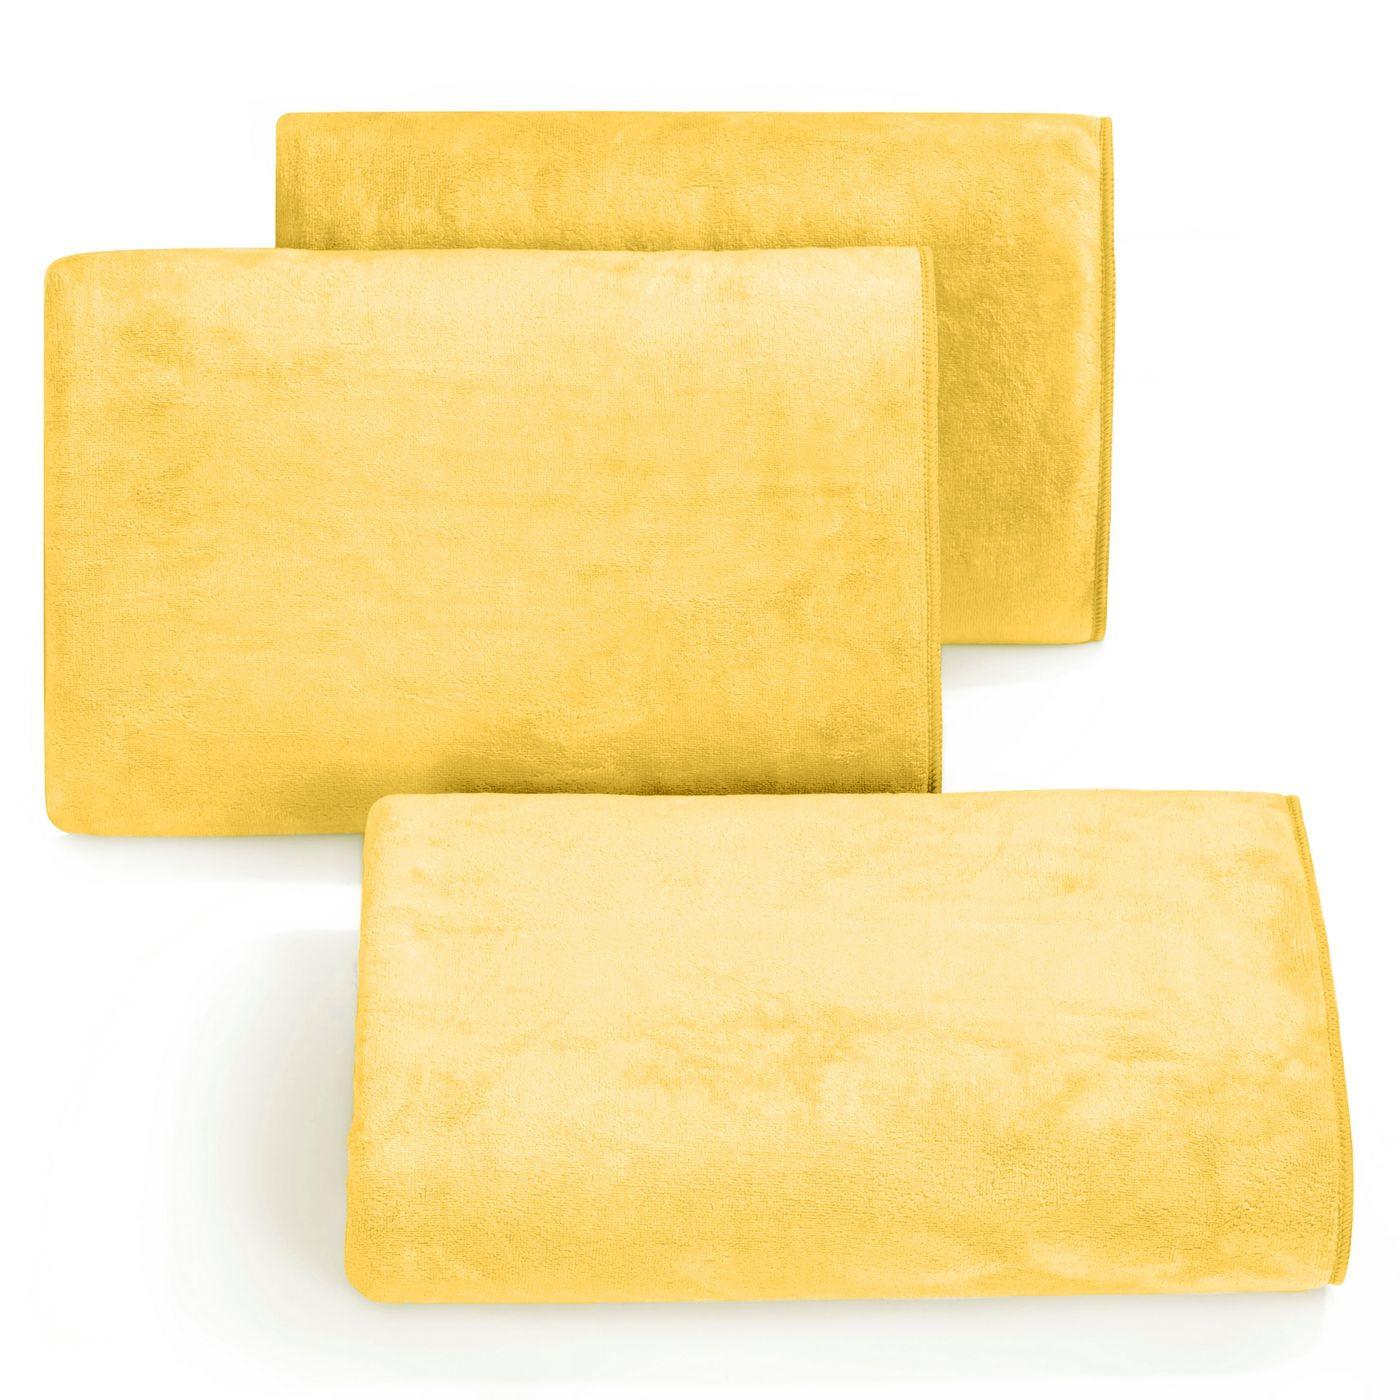 Ręcznik z mikrofibry szybkoschnący żółty 30x30cm